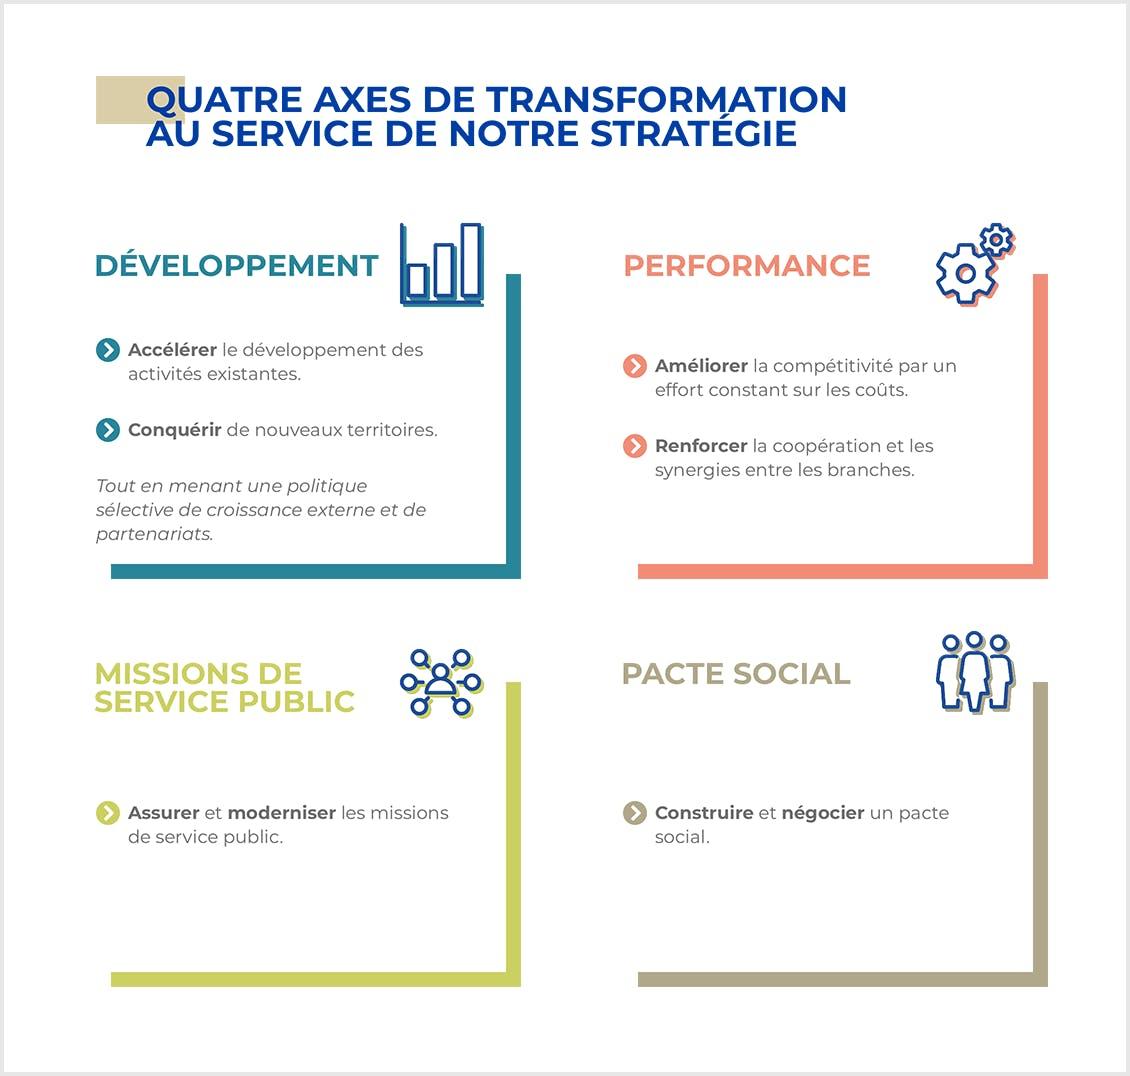 Les quatre axes de transformation au service de notre stratégie : développement, performance, missions de service public, pacte social.